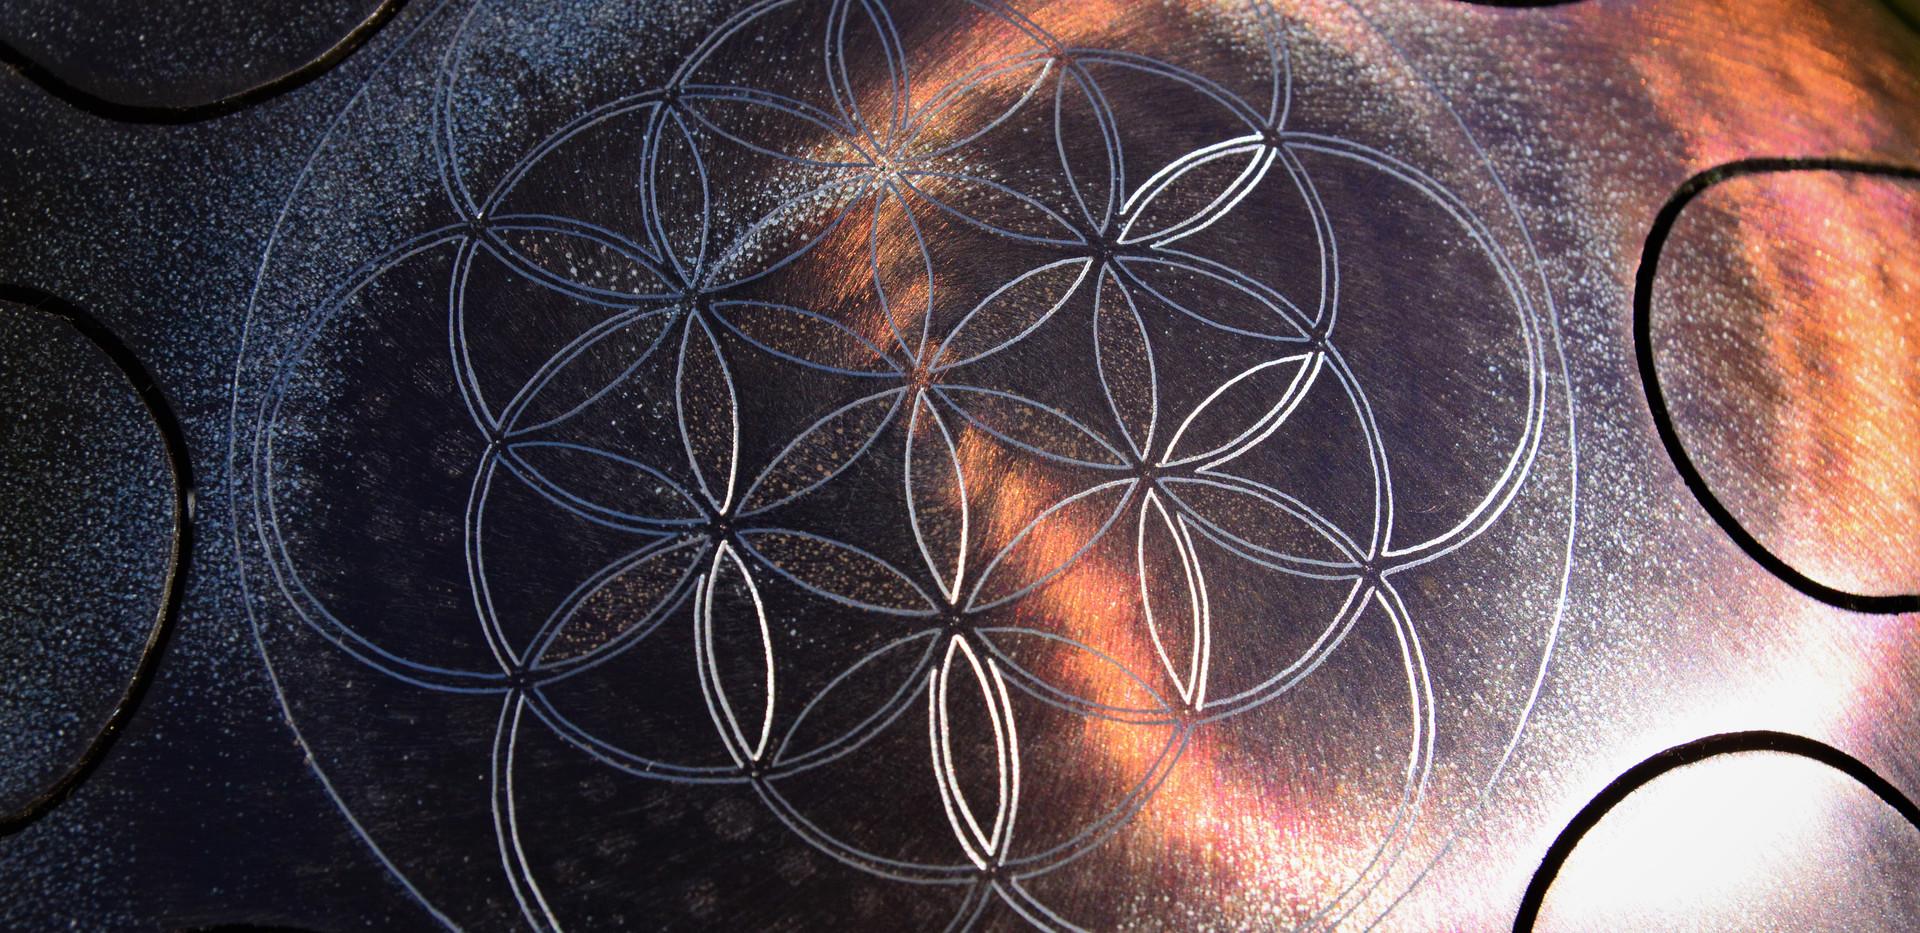 fleur de vie sur osb-drum tankdrum - instrument de musique - hang - handpan - yoga